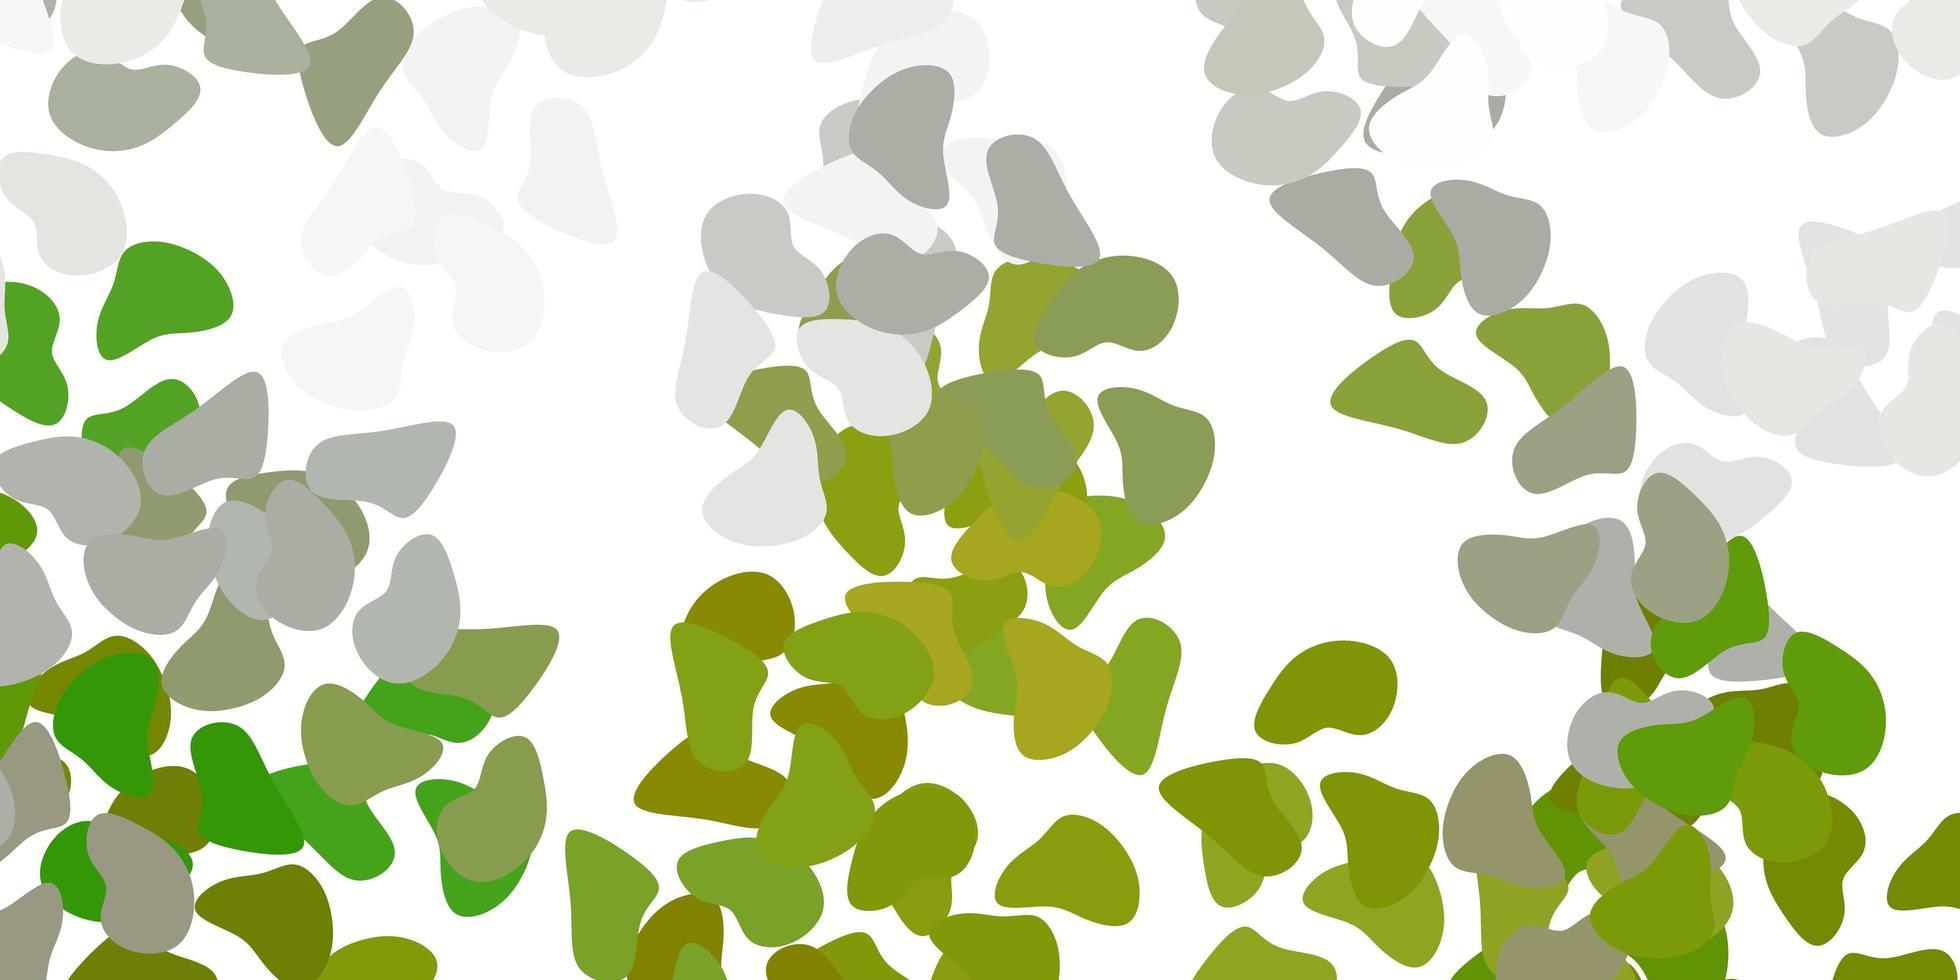 lichtgrijs vectormalplaatje met abstracte vormen. vector